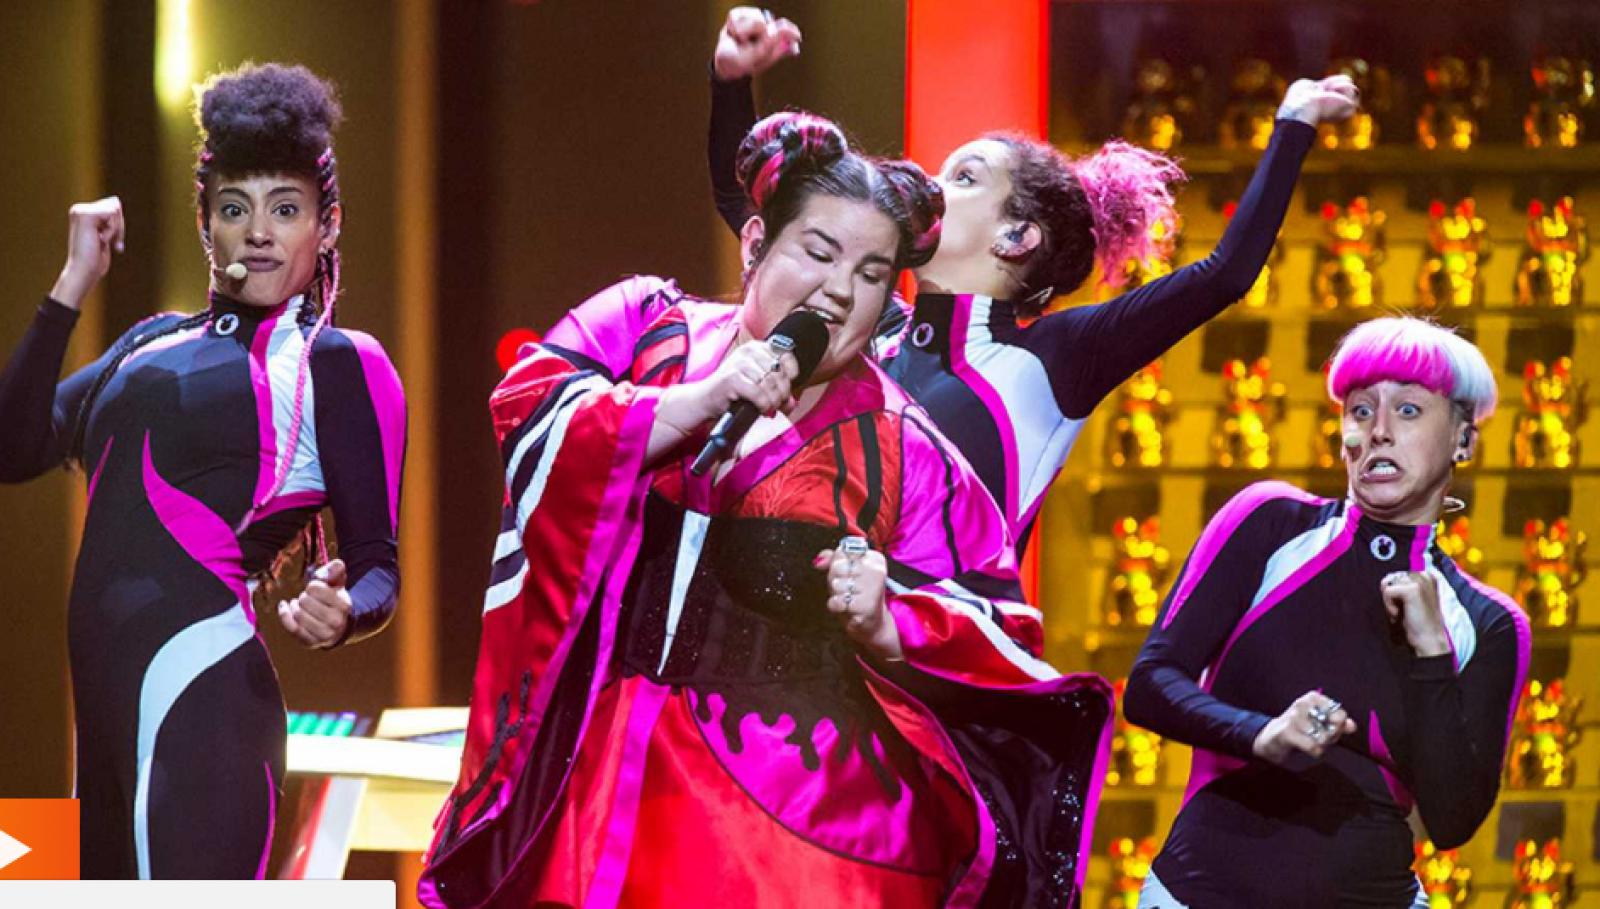 (video/update) Câștigătoarea Eurovision 2018 a devenit Netta, reprezentanta Israelului